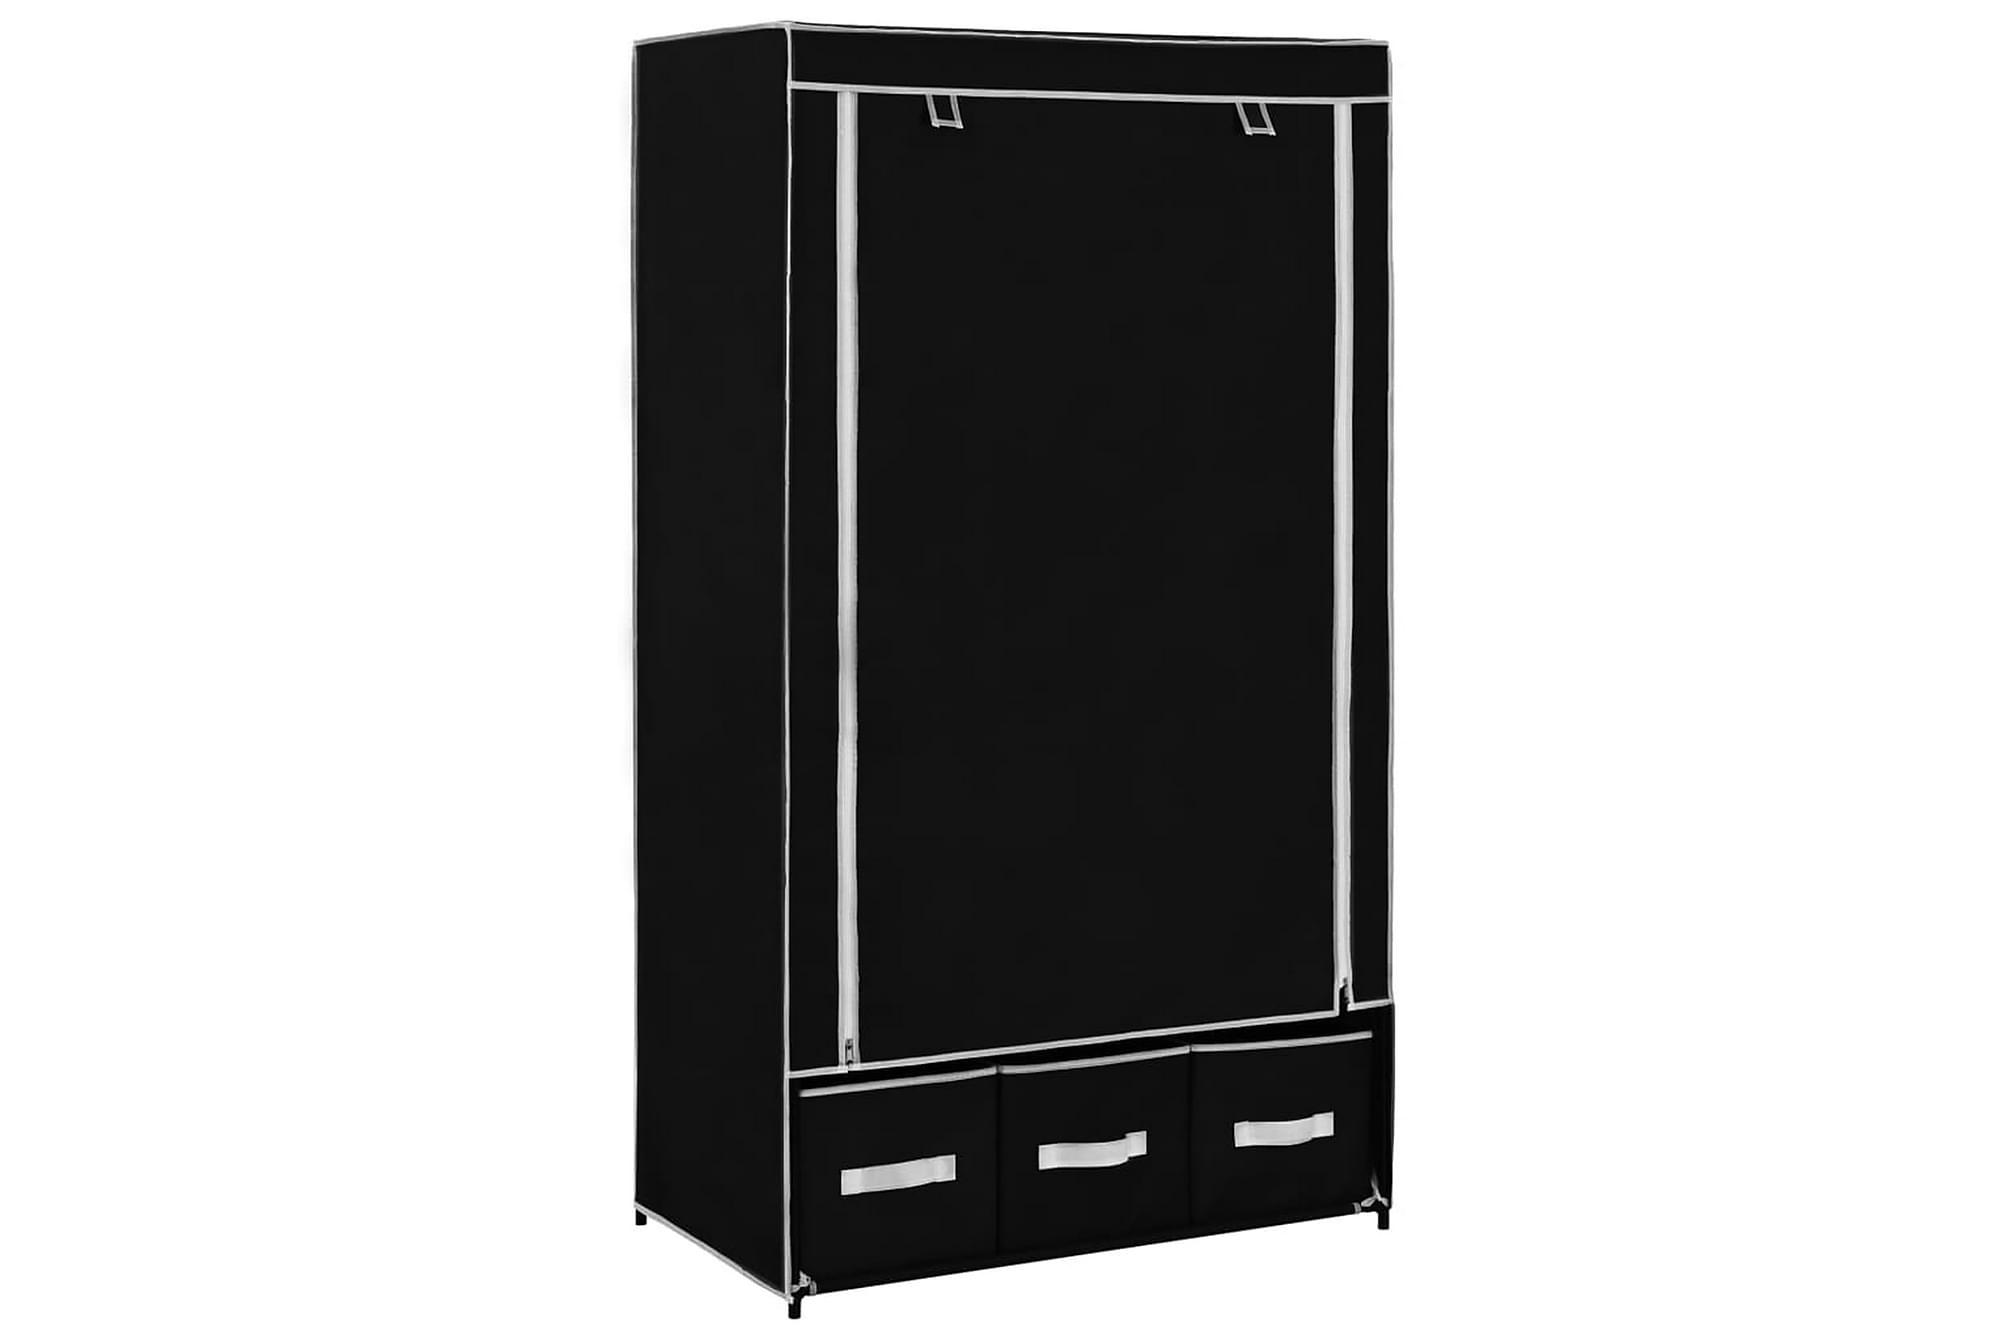 Garderob svart 87x49x159 cm tyg